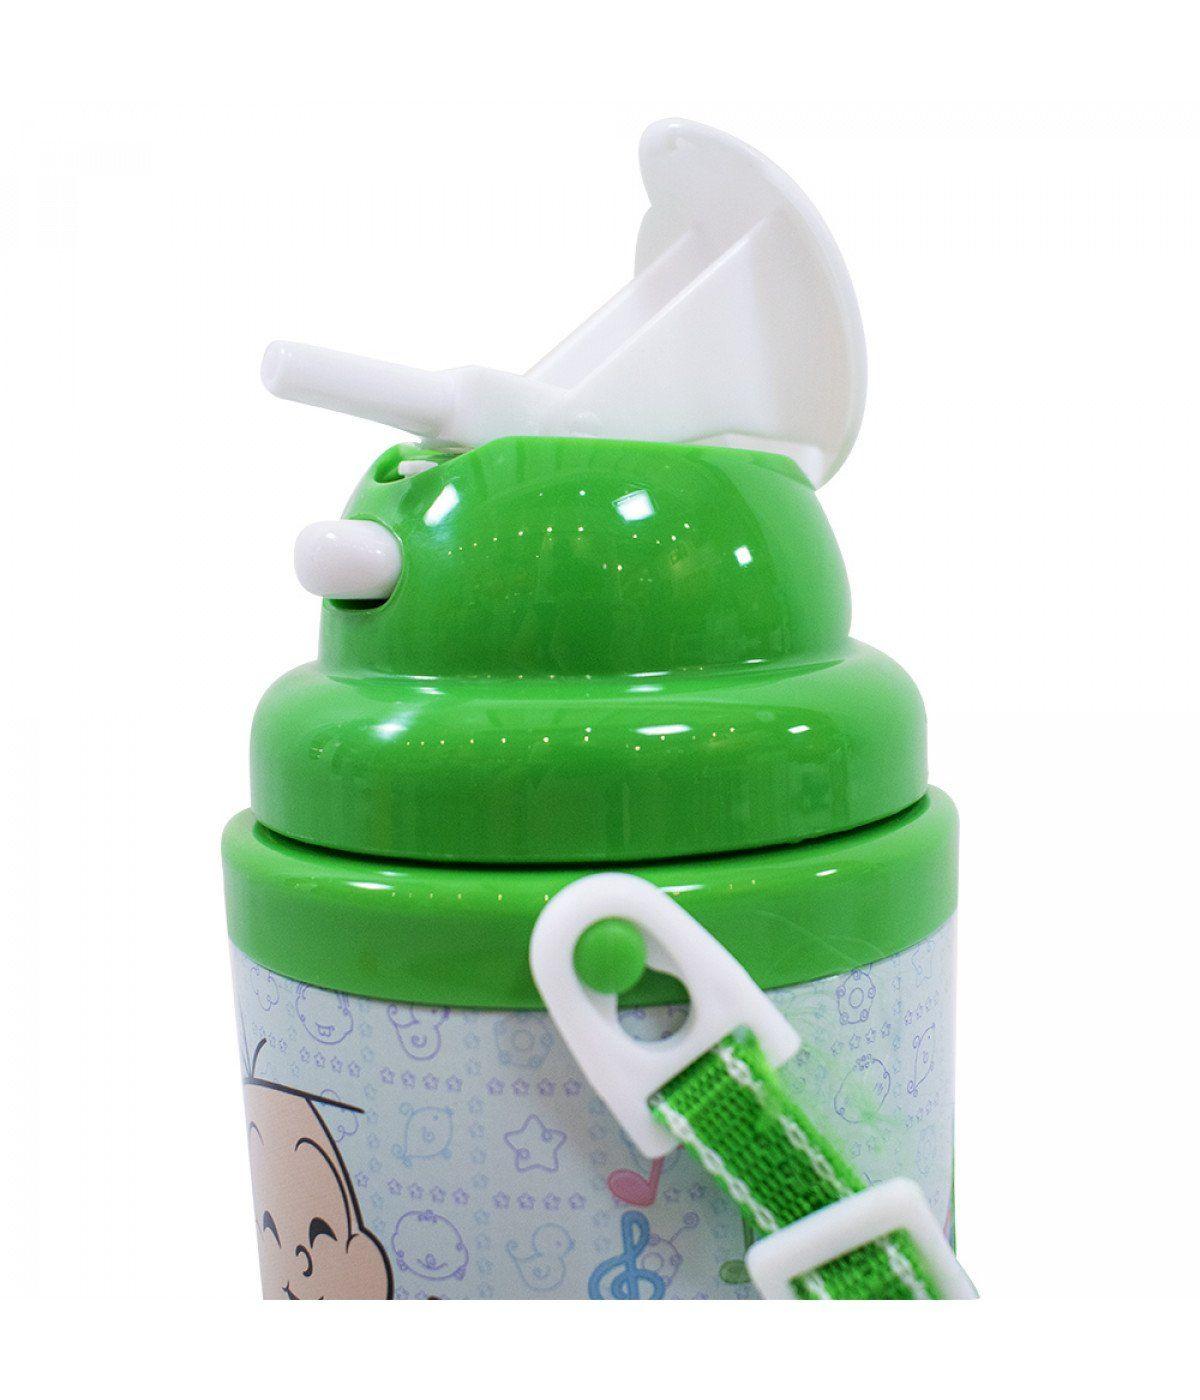 Garrafa de Plástico Pequena Cebolinha: Turma da Mônica